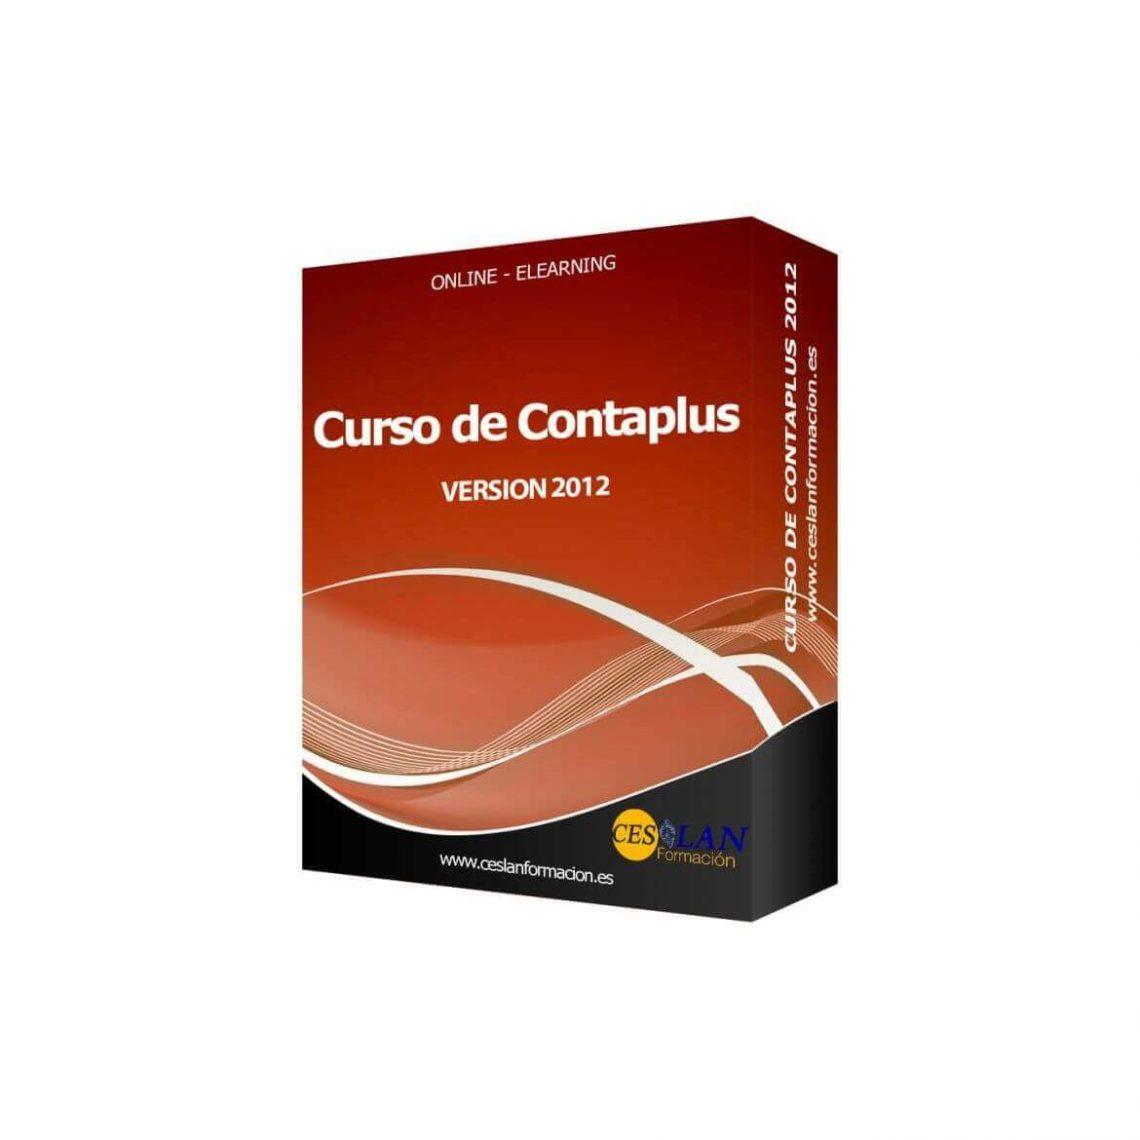 Curso de Contaplus 2012